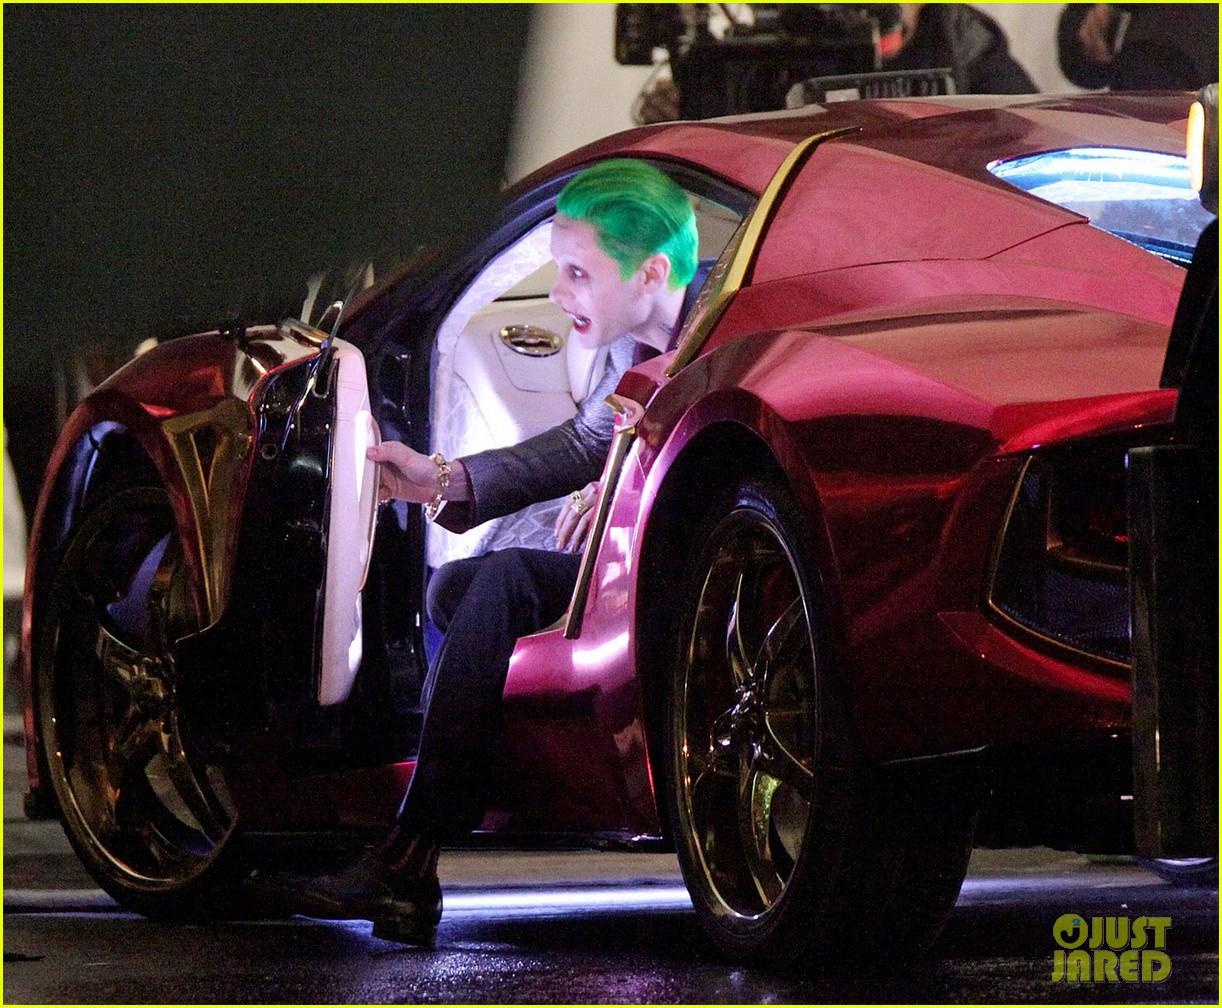 Lộ video rượt đuổi của Batman và Joker trên phim trường 'Suicide Squad'